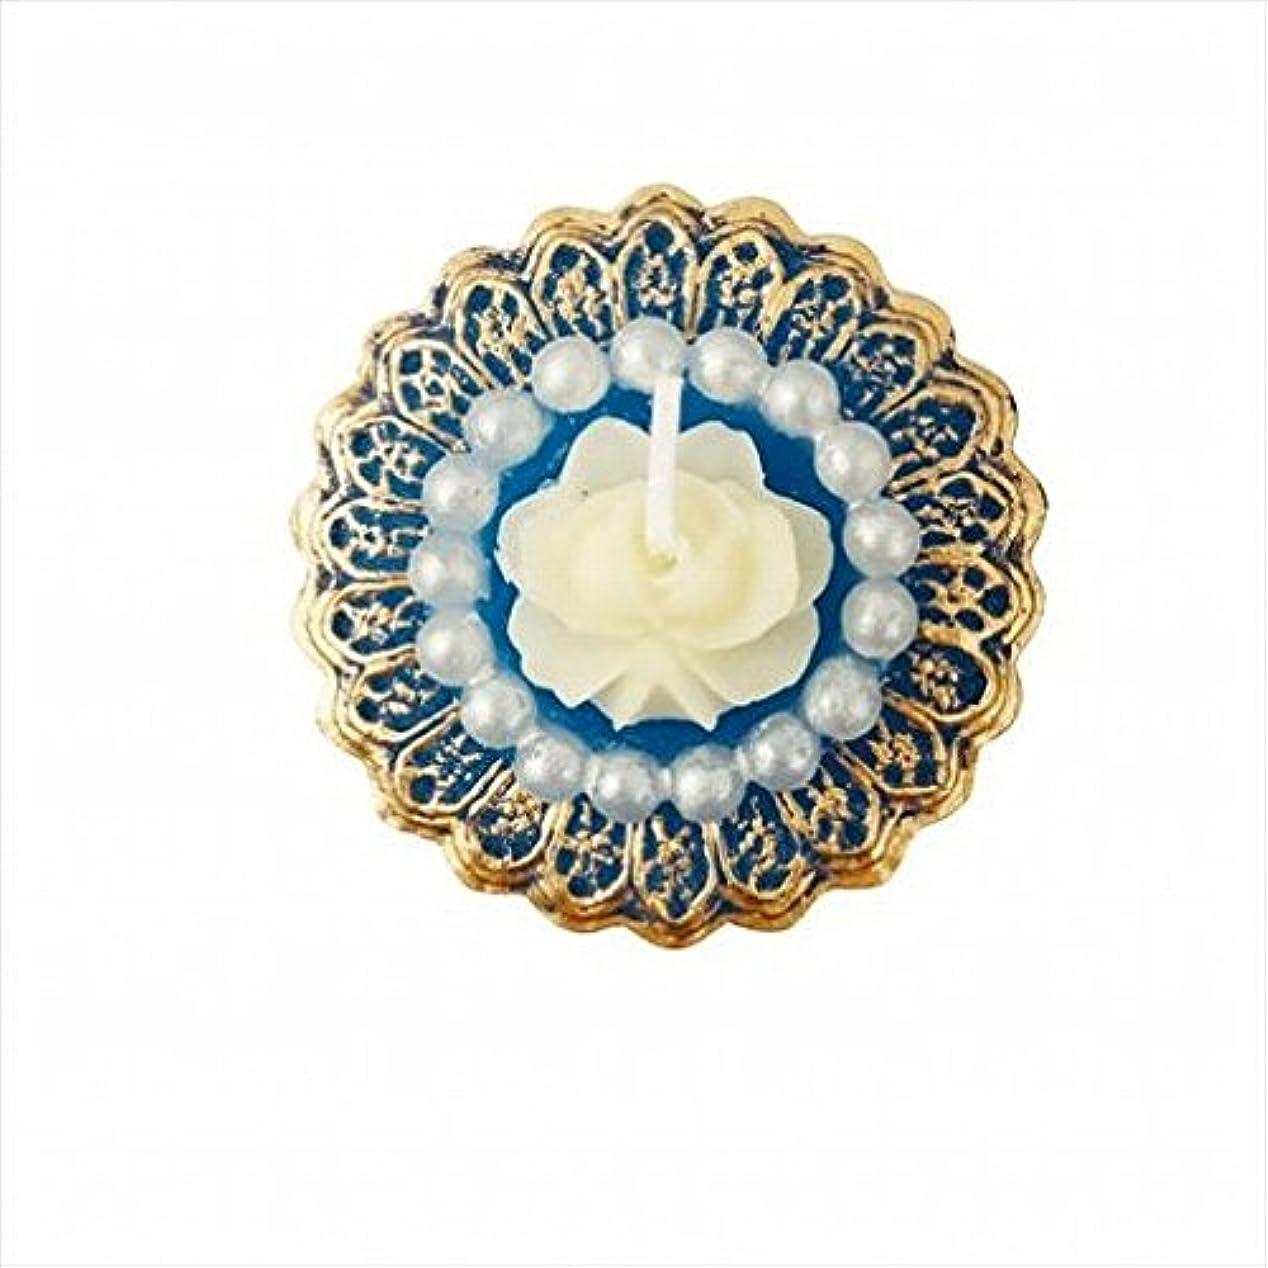 粘性のライン明るいkameyama candle(カメヤマキャンドル) アンティークジュエリー 「 ブルーローズシェル 」 キャンドル 48x48x24mm (A4380020)